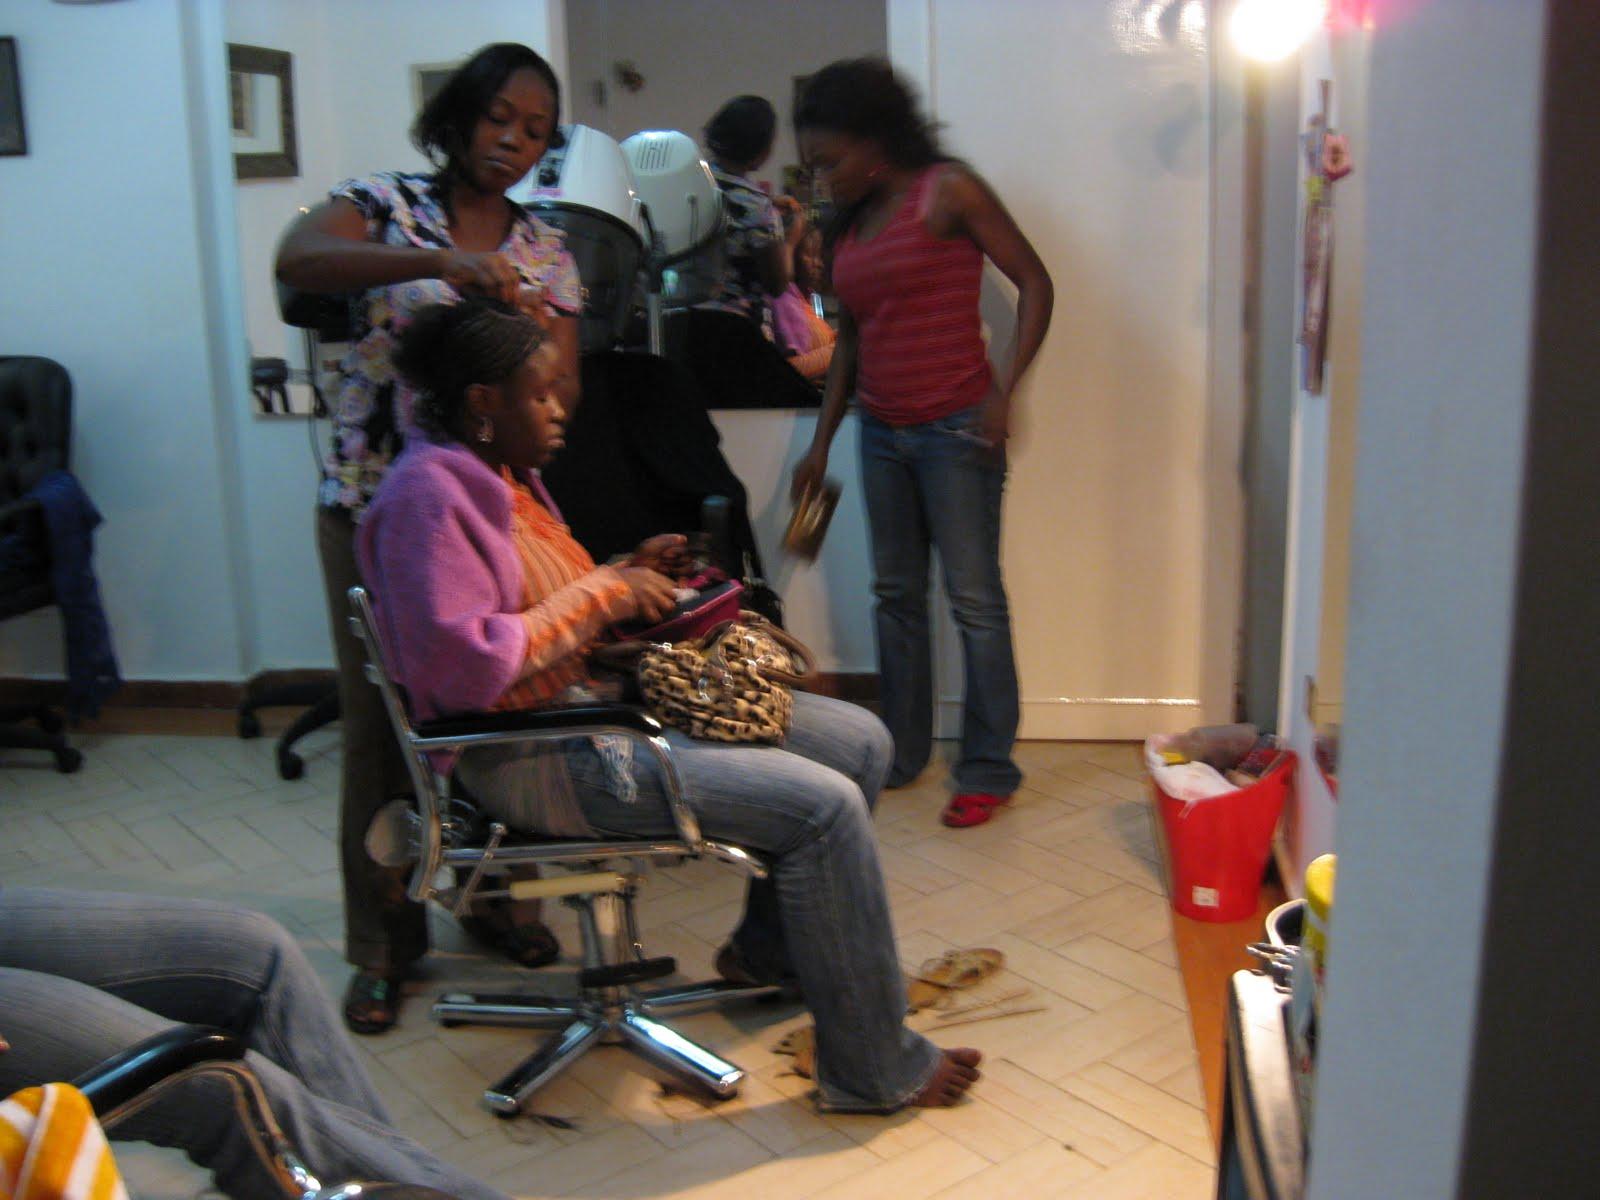 Black Hair Salon Pictures Black hair salon in cairo!